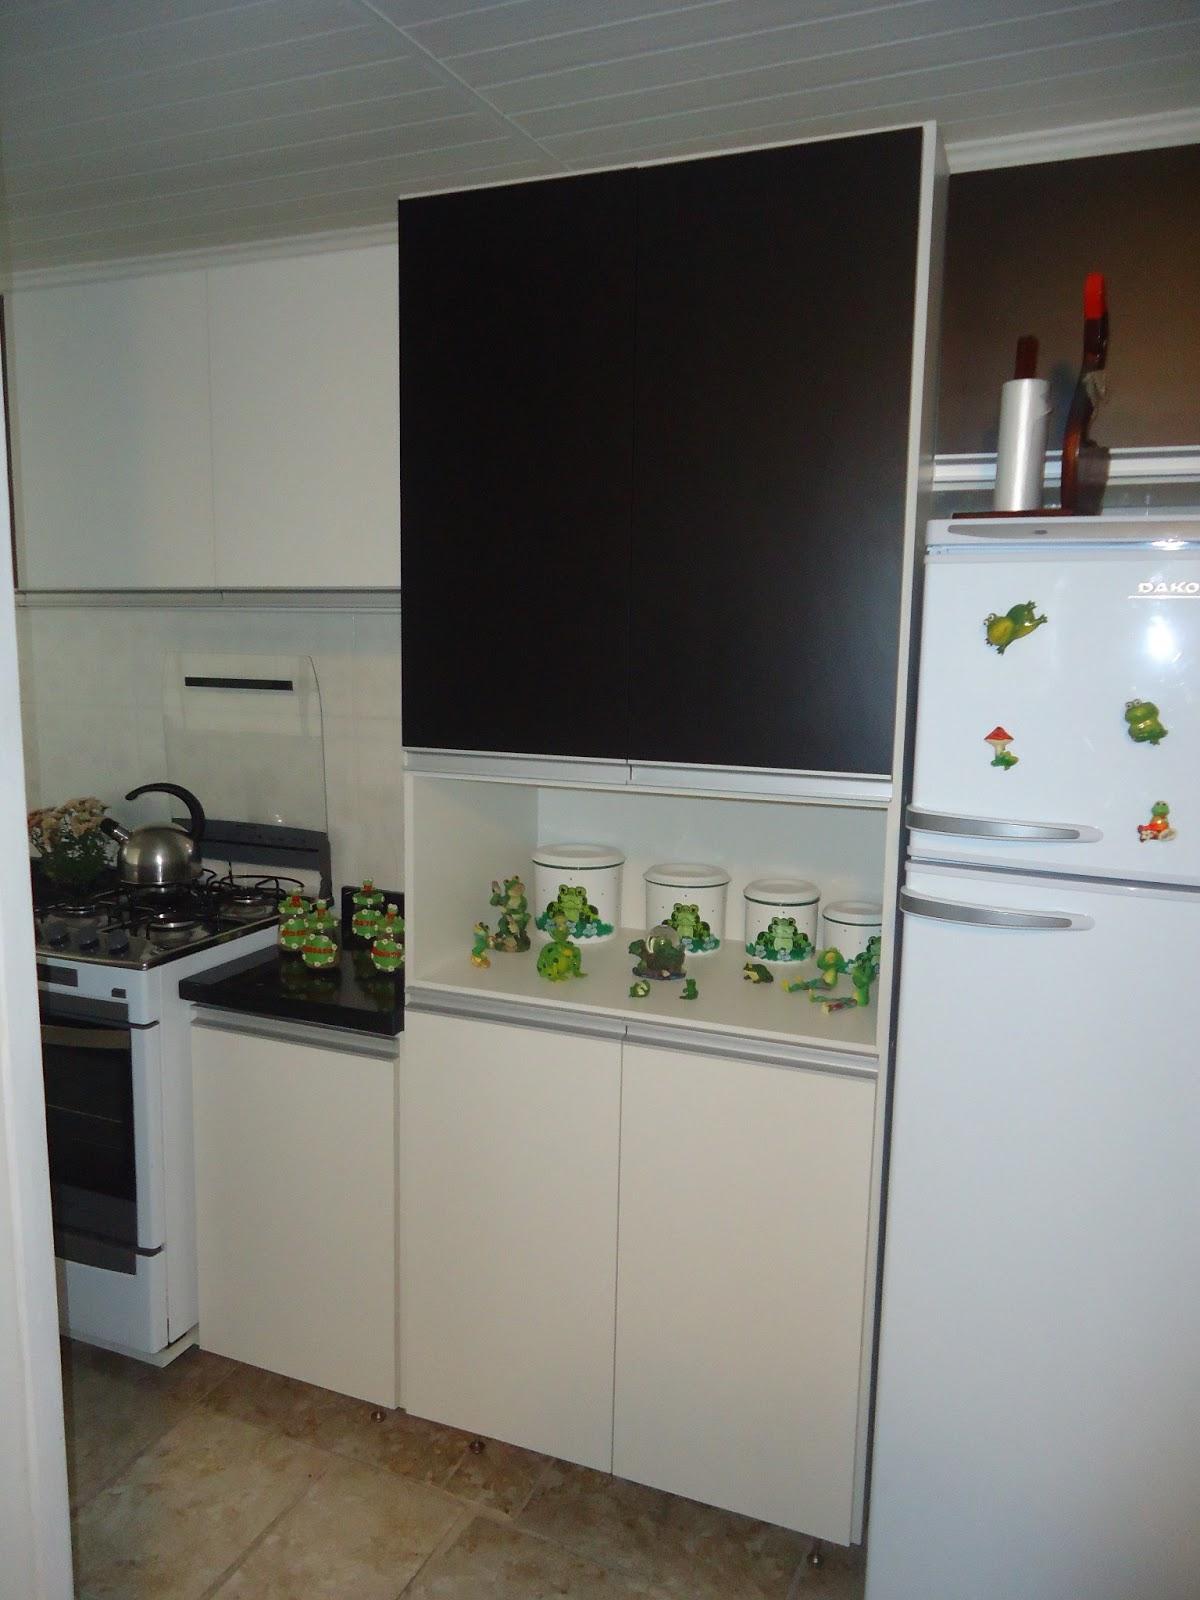 Another Image For cozinhas planejadas zona sul porto alegre #456134 1200 1600